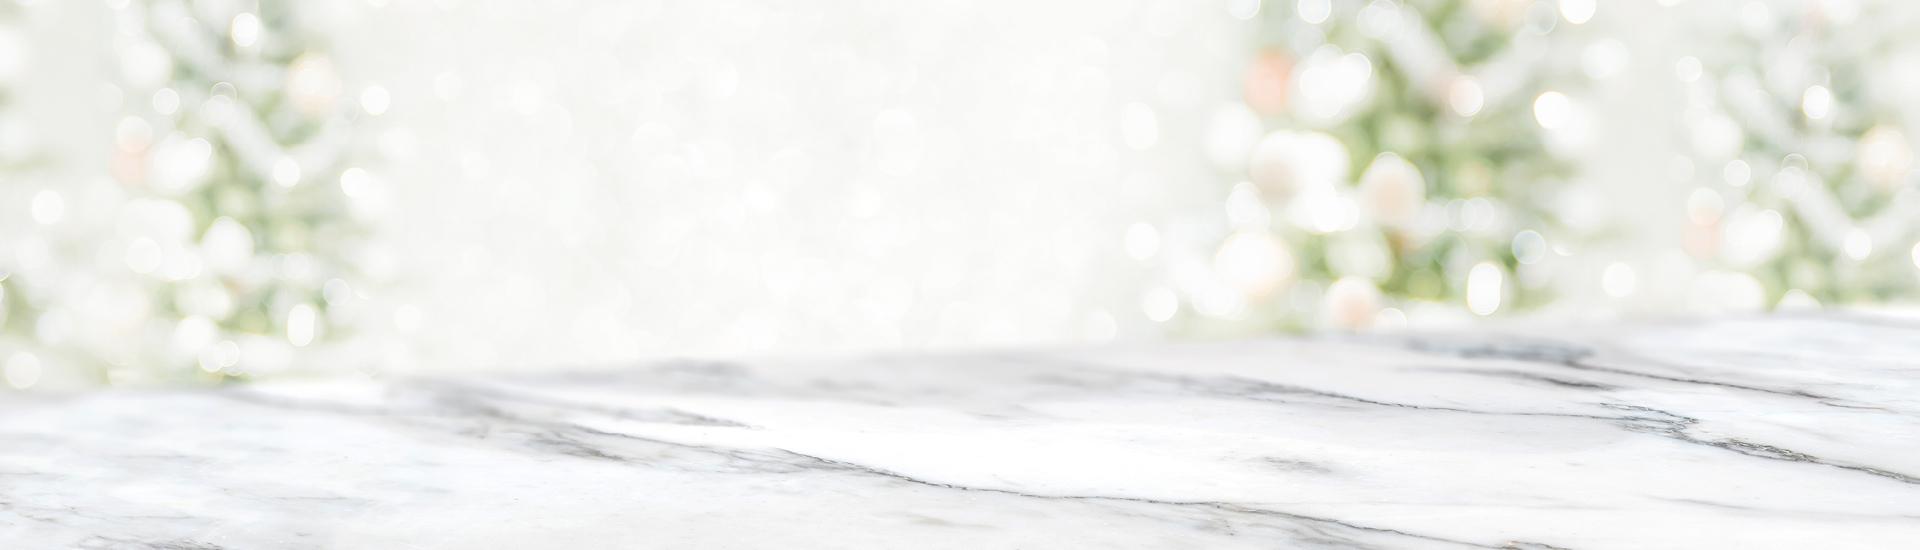 Spirituosen - Rum, Gin & Co. - Exklusive Spirituosen als Geschenk 12/2019 - Slider